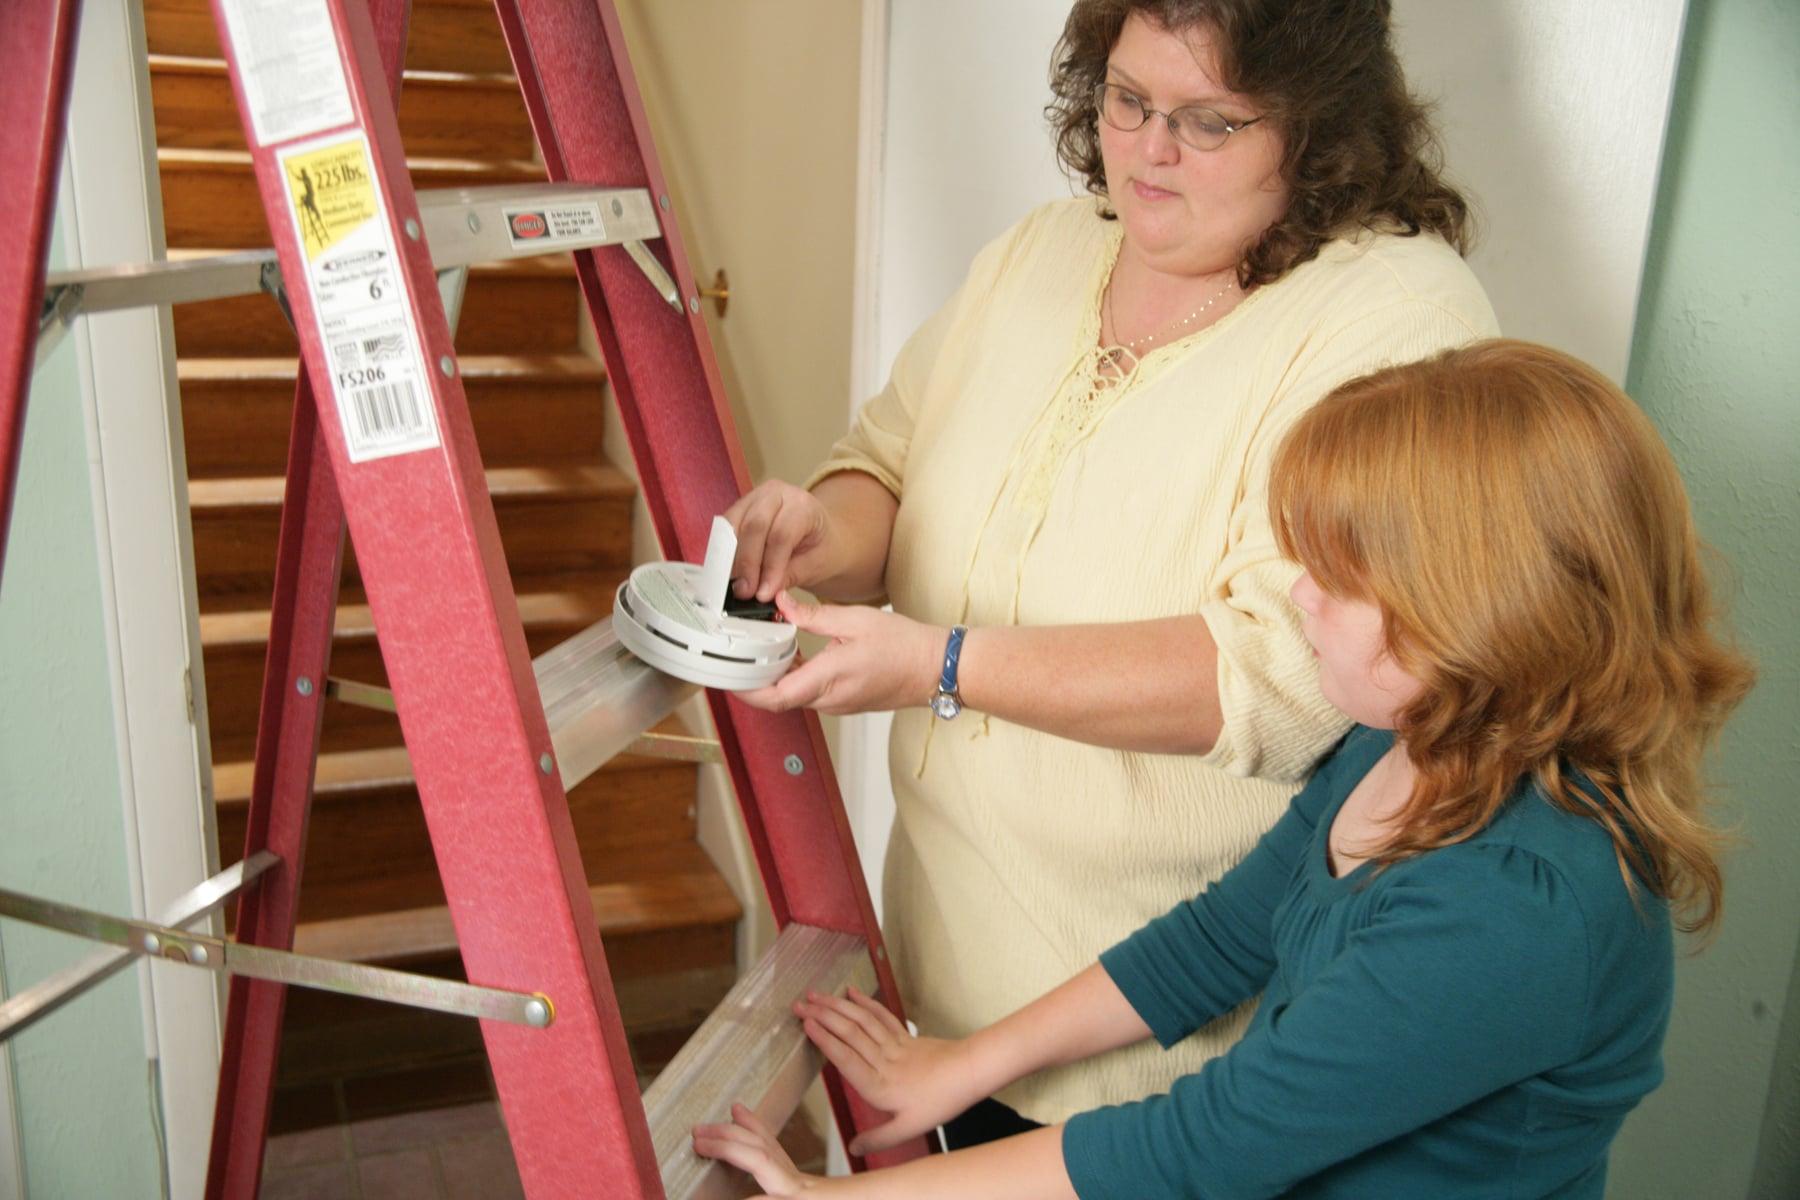 Woman Replacing Smoke Detector